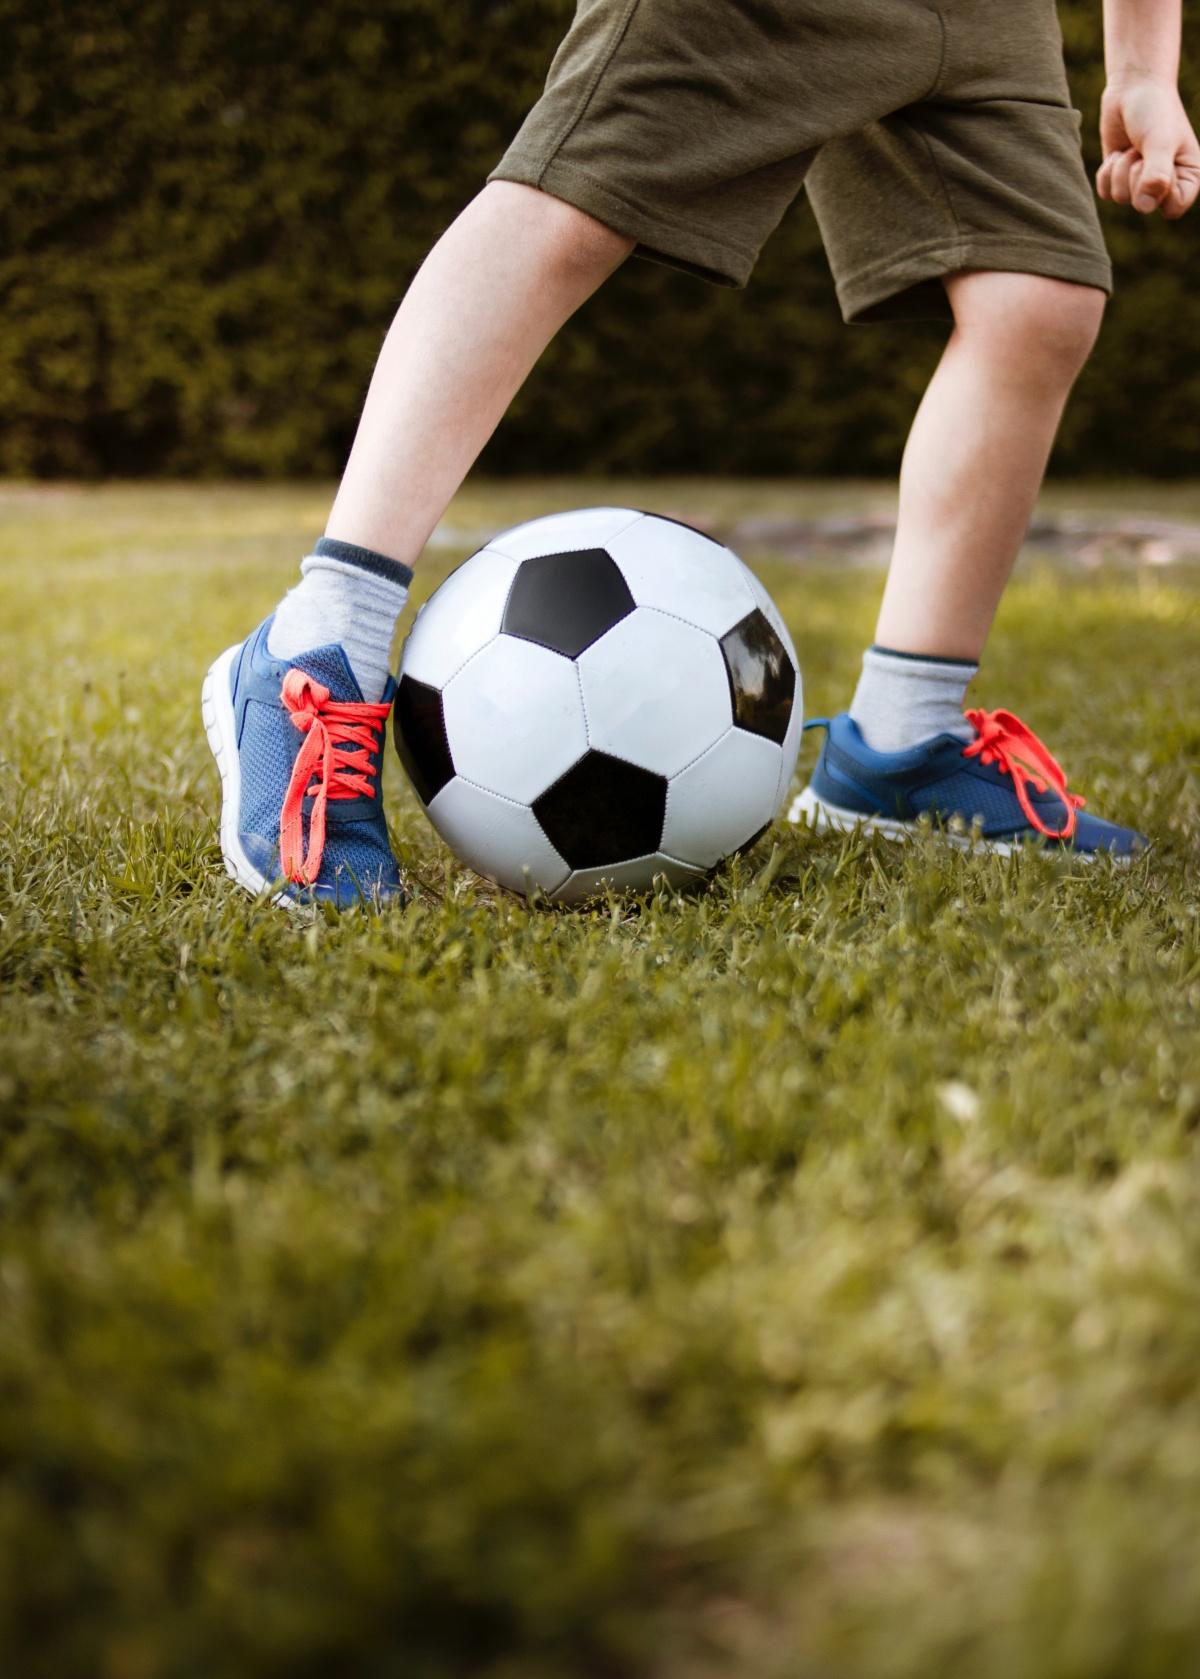 active-ball-blur-background-3074920.jpg